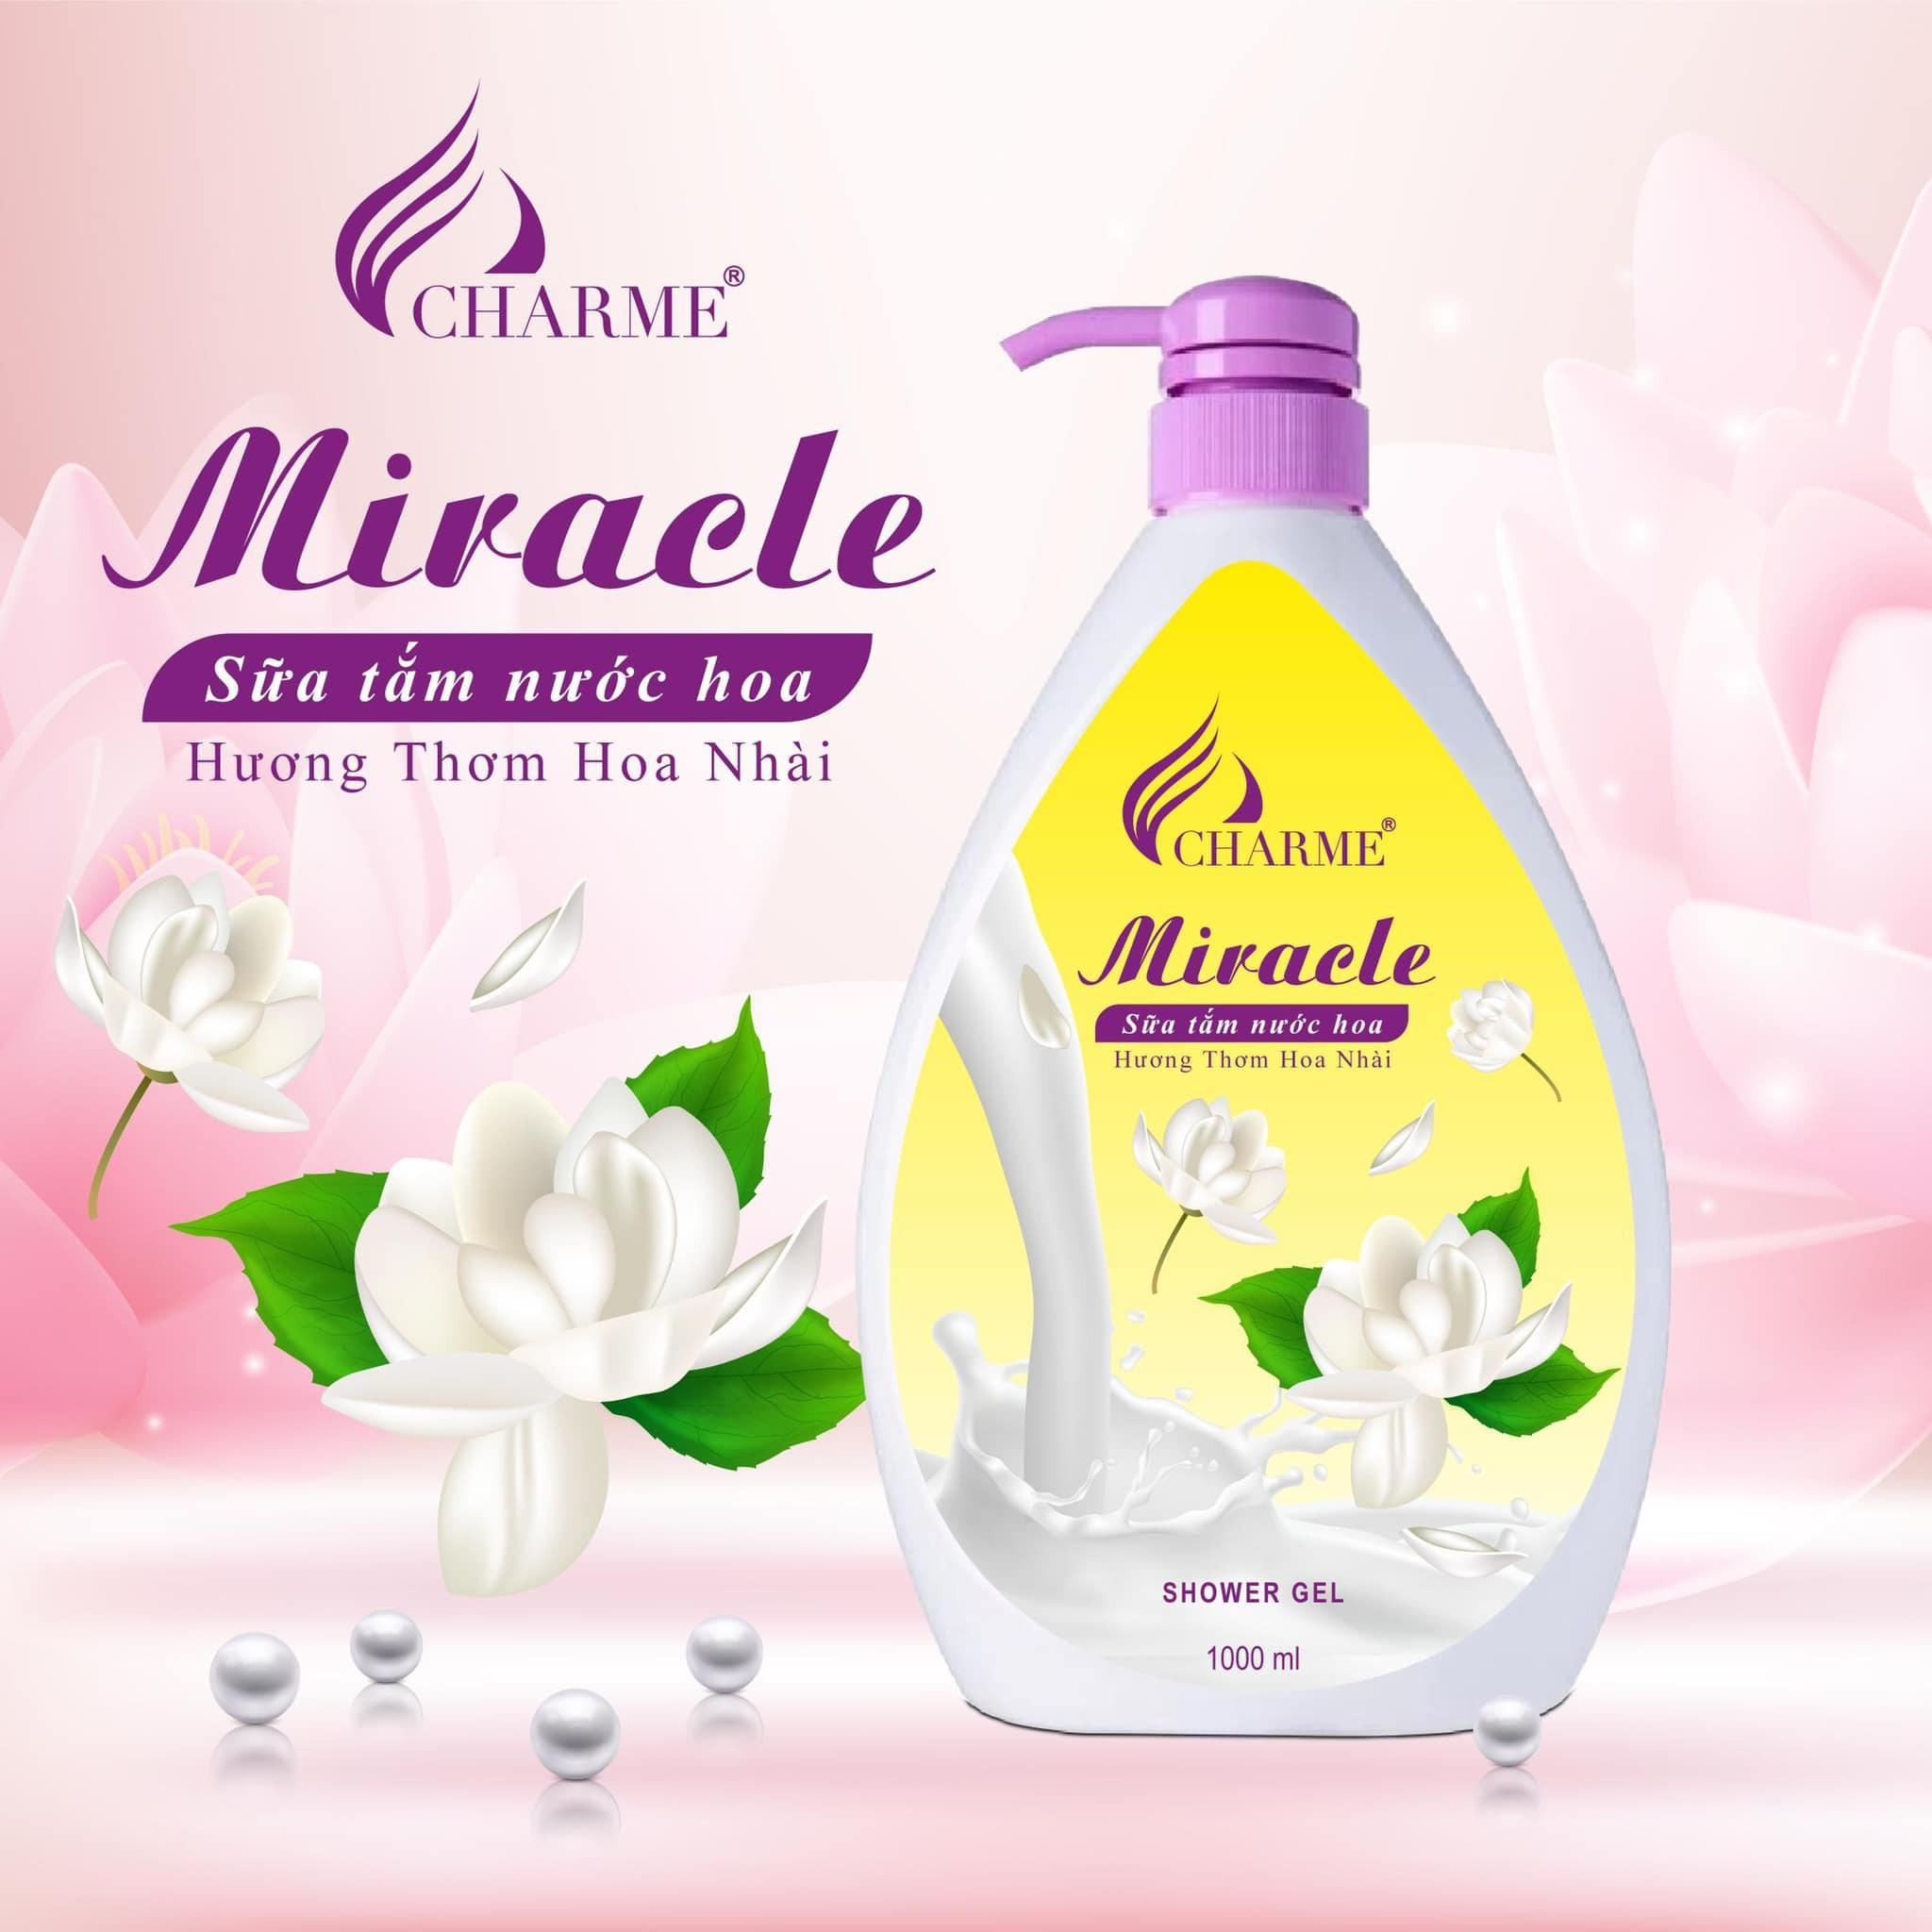 Sữa Tắm Nước Hoa Charme Miracle 1000ml Cho Nữ Hương Hoa Nhài